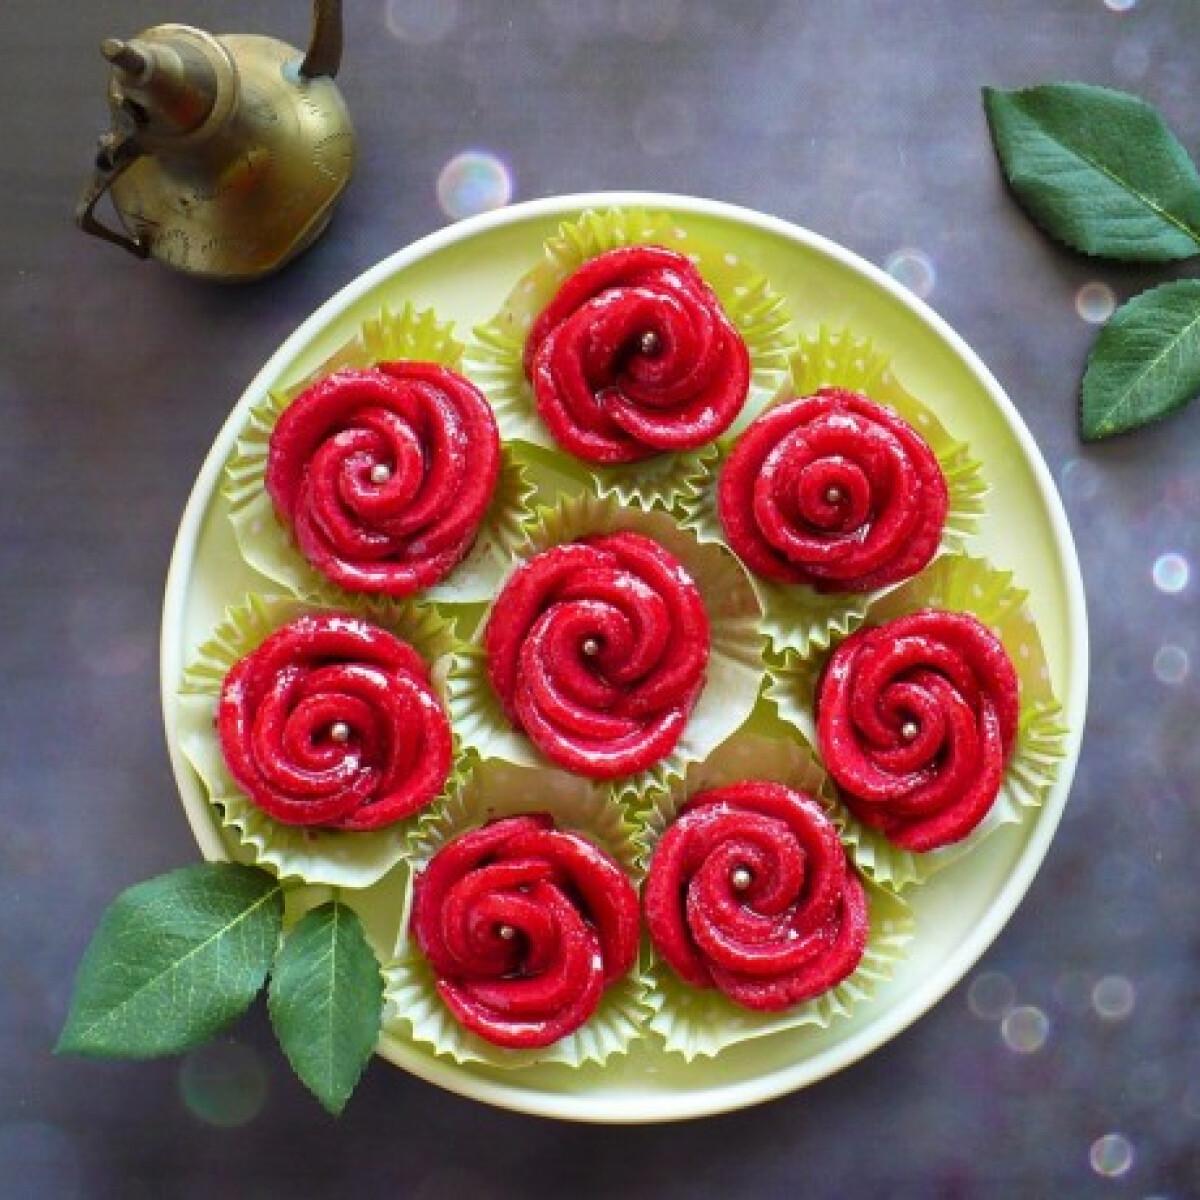 Ezen a képen: Gül baba rózsái